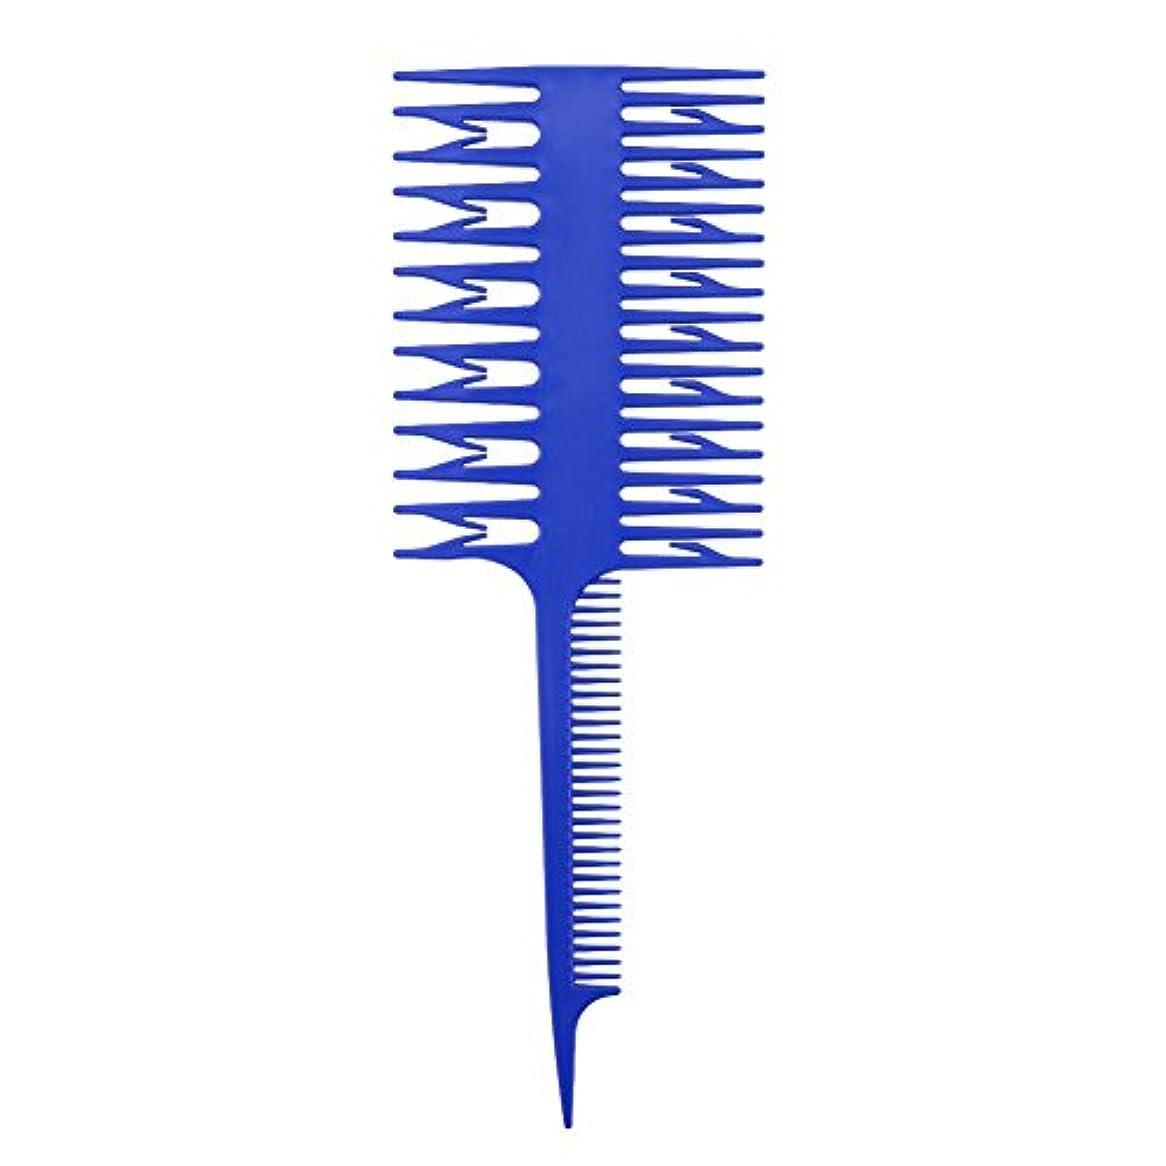 男やもめジョットディボンドン息切れDemiawaking 毛染用櫛 ブラシ 白髪染め ブラシ 長髪 短髪 適用 自用毛染めツール 美容室用 プロ 青い